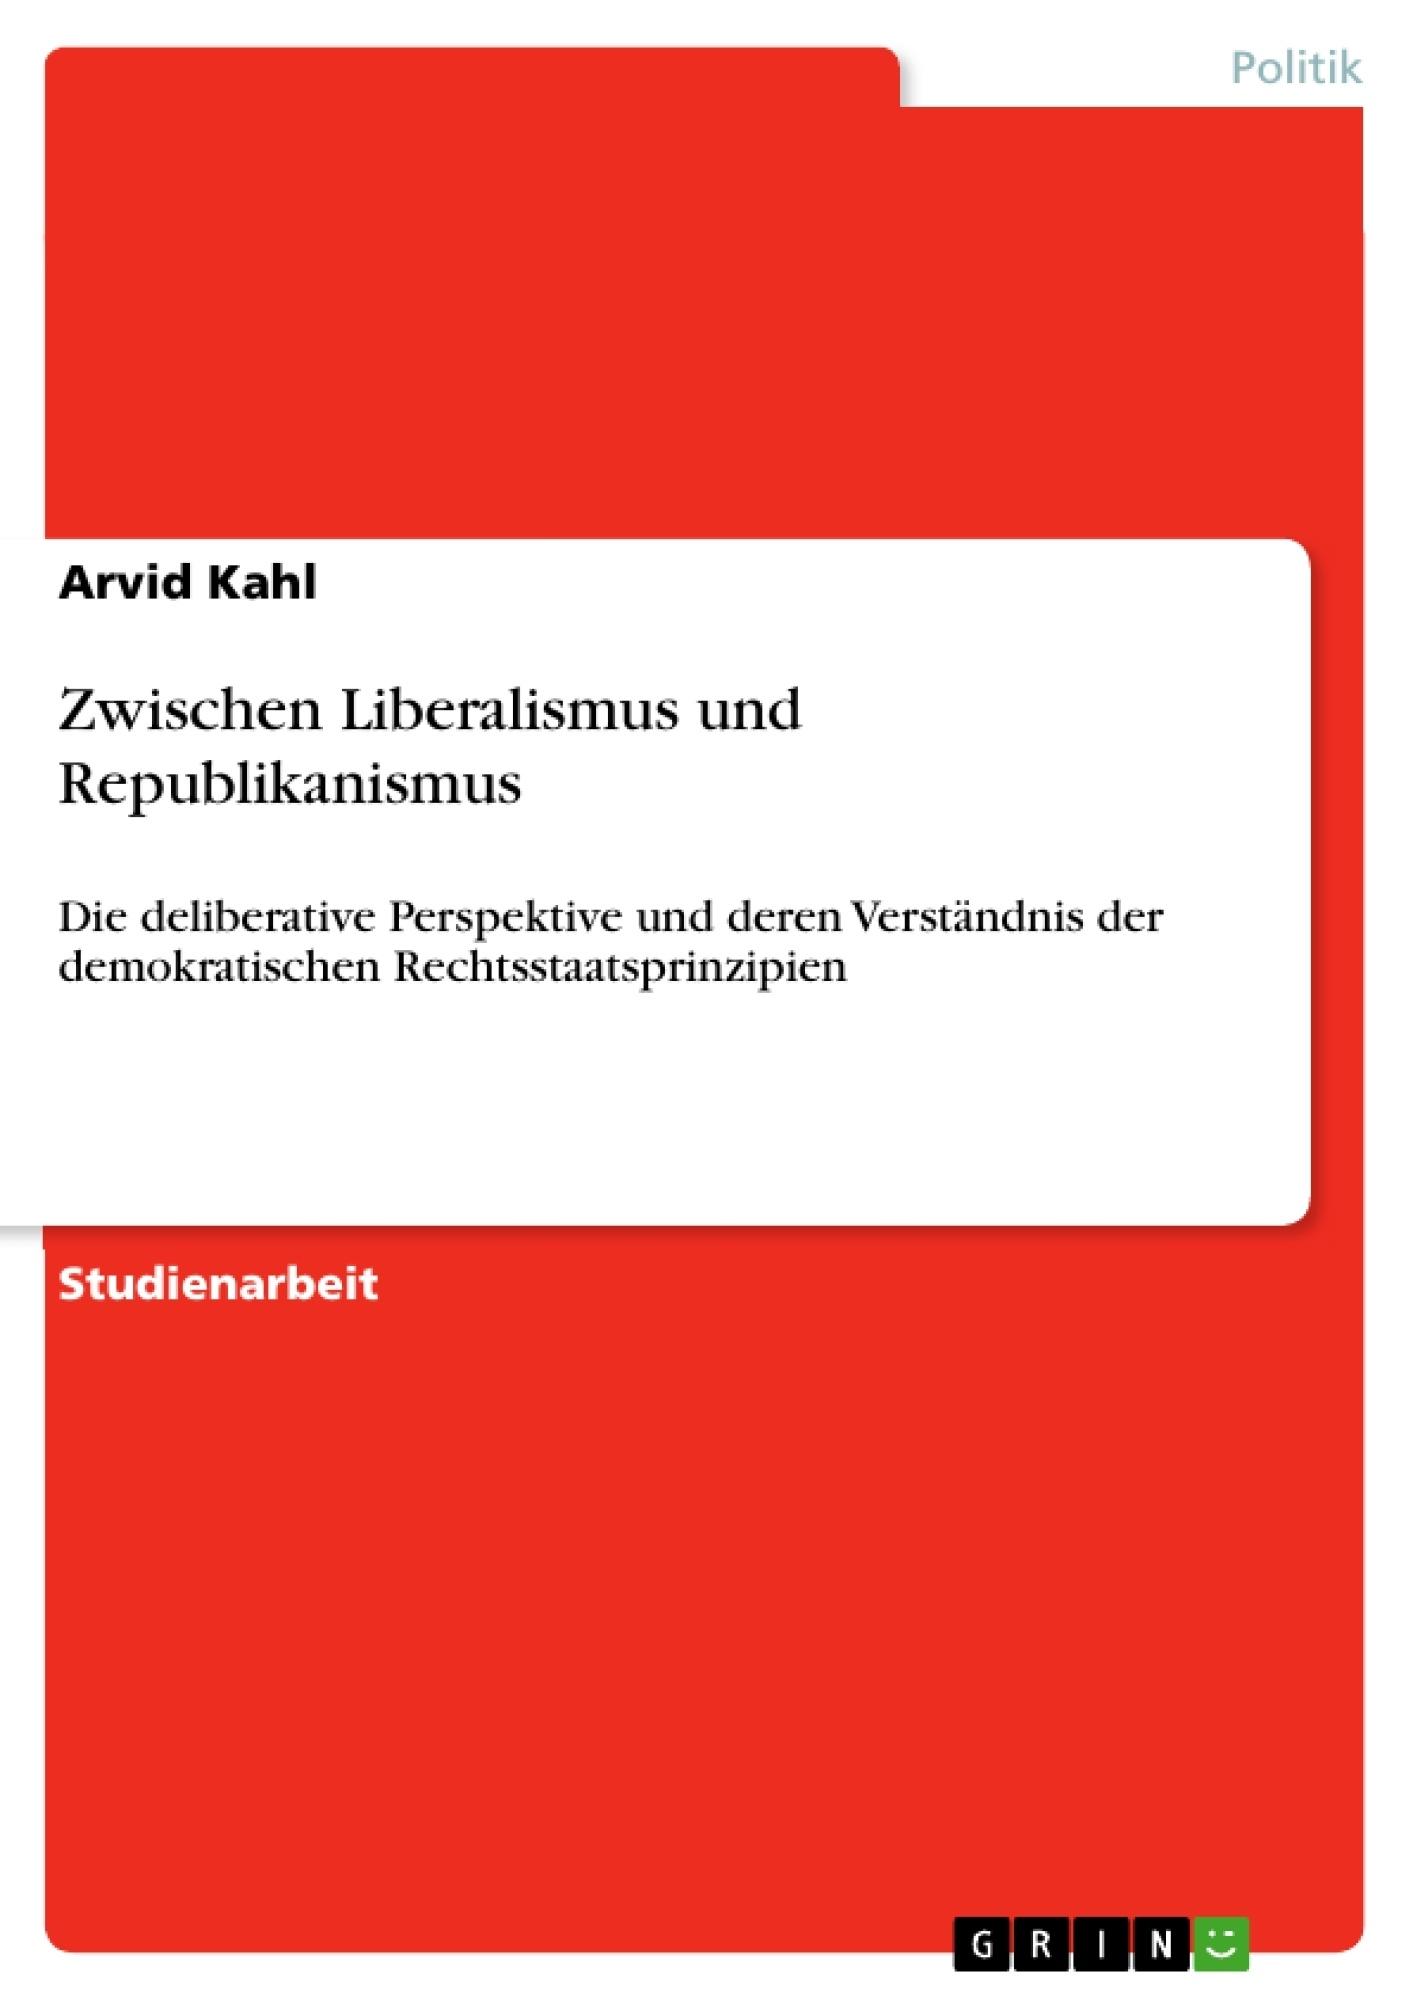 Titel: Zwischen Liberalismus und Republikanismus